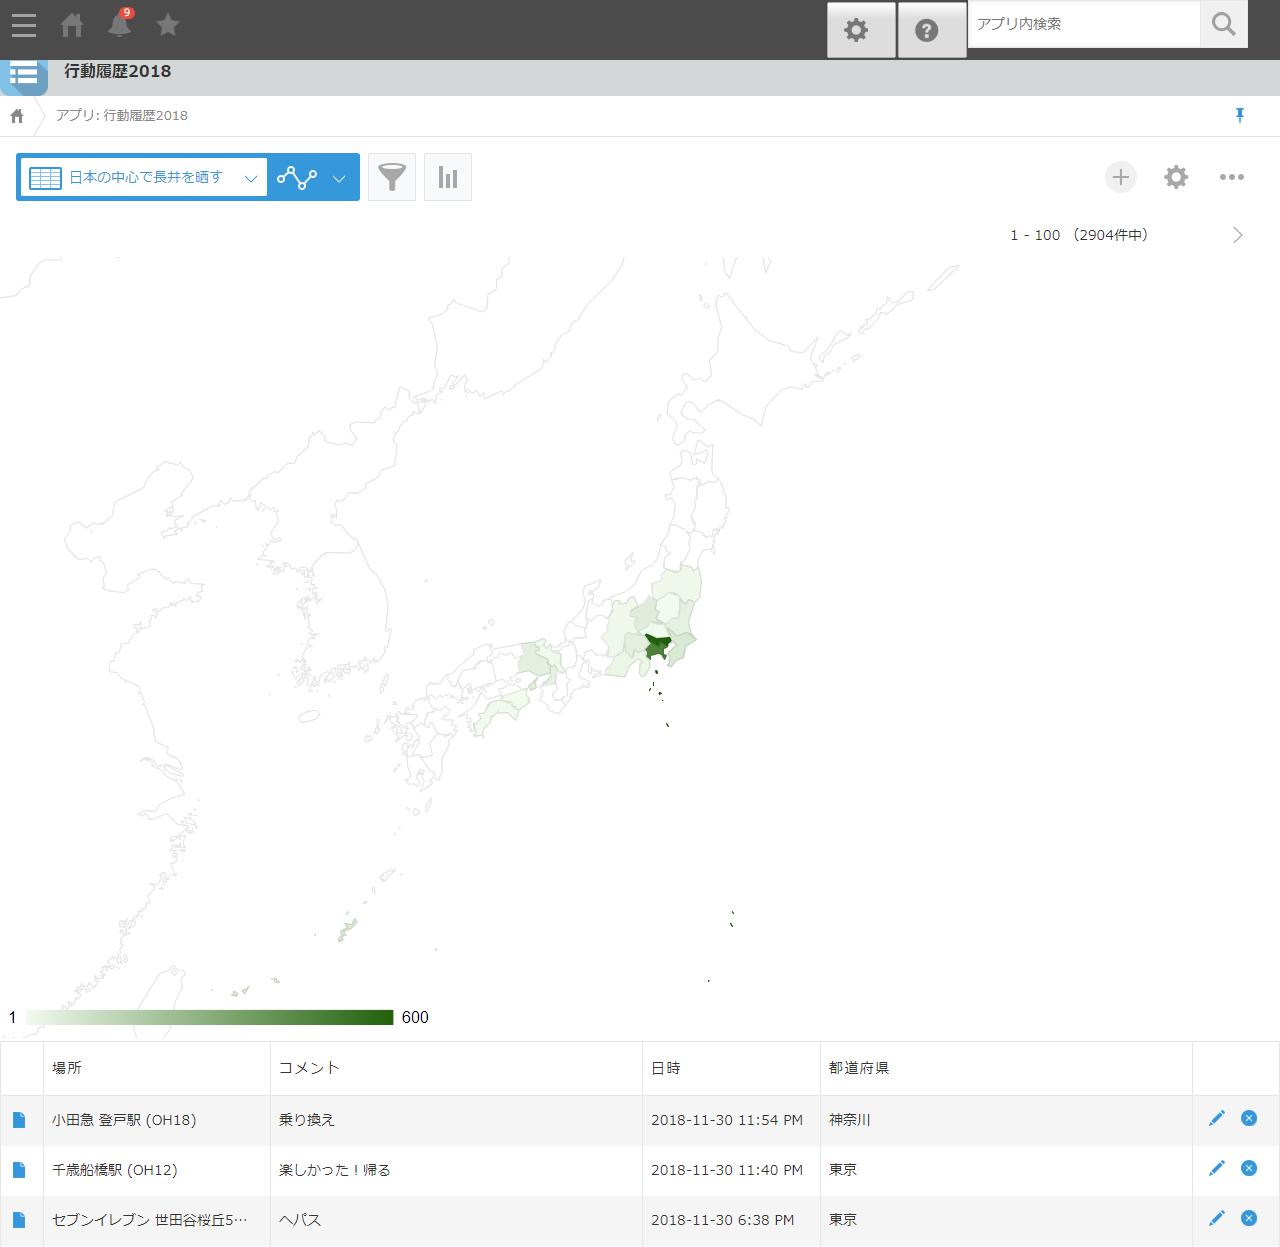 日本の中心で長井を晒す